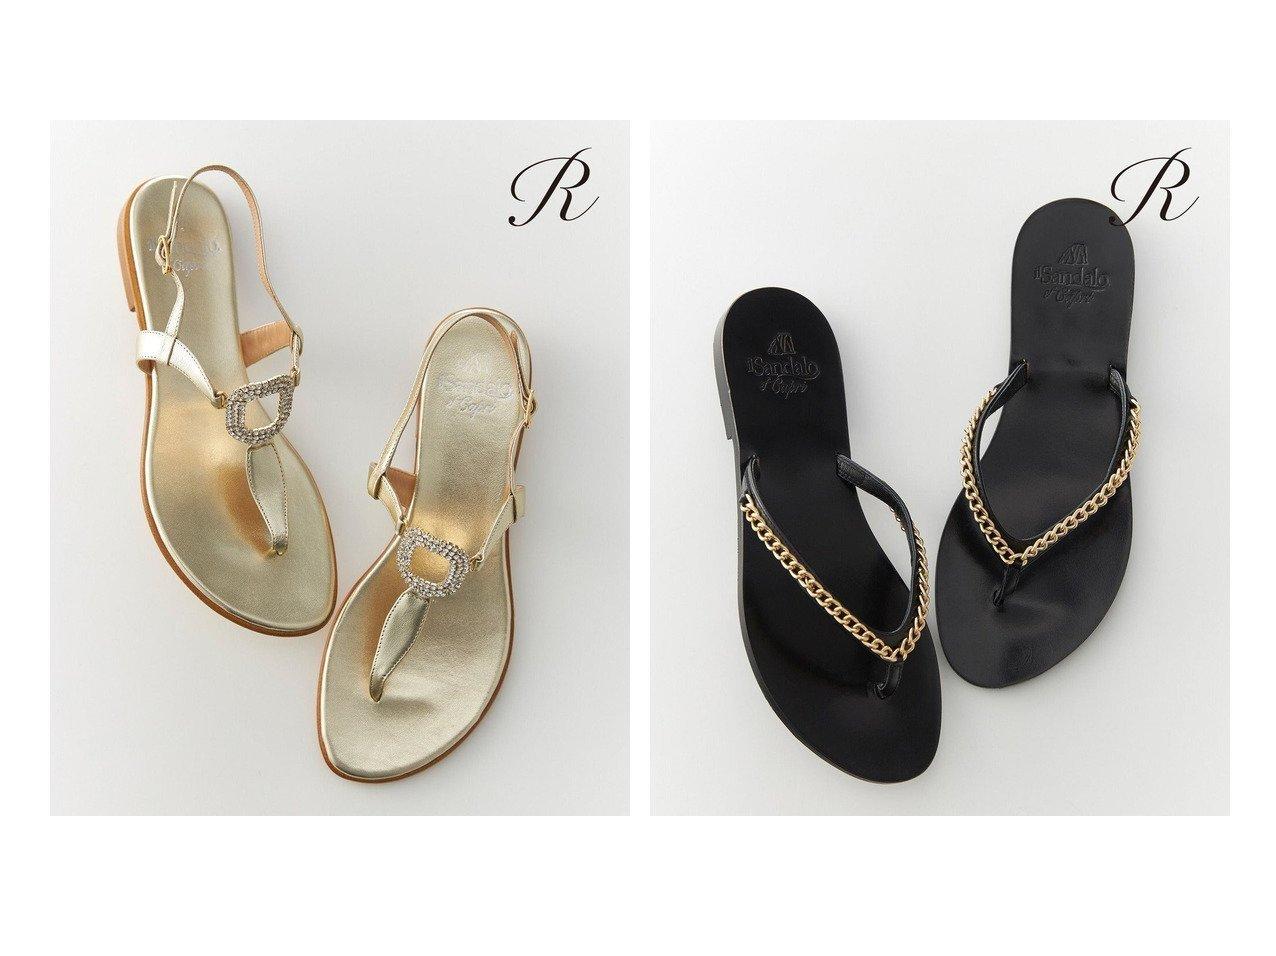 【NIJYUSANKU/23区】の【R(アール)】iL Sandalo of Capri サンダル&【R(アール)】iL Sandalo of Capri ビジュートング サンダル 【シューズ・靴】おすすめ!人気、トレンド・レディースファッションの通販 おすすめで人気の流行・トレンド、ファッションの通販商品 インテリア・家具・メンズファッション・キッズファッション・レディースファッション・服の通販 founy(ファニー) https://founy.com/ ファッション Fashion レディースファッション WOMEN イタリア エレガント サンダル シューズ シンプル スペシャル 人気 リゾート 2020年 2020 S/S・春夏 SS・Spring/Summer 2020春夏・S/S SS・Spring/Summer/2020 送料無料 Free Shipping |ID:crp329100000046151